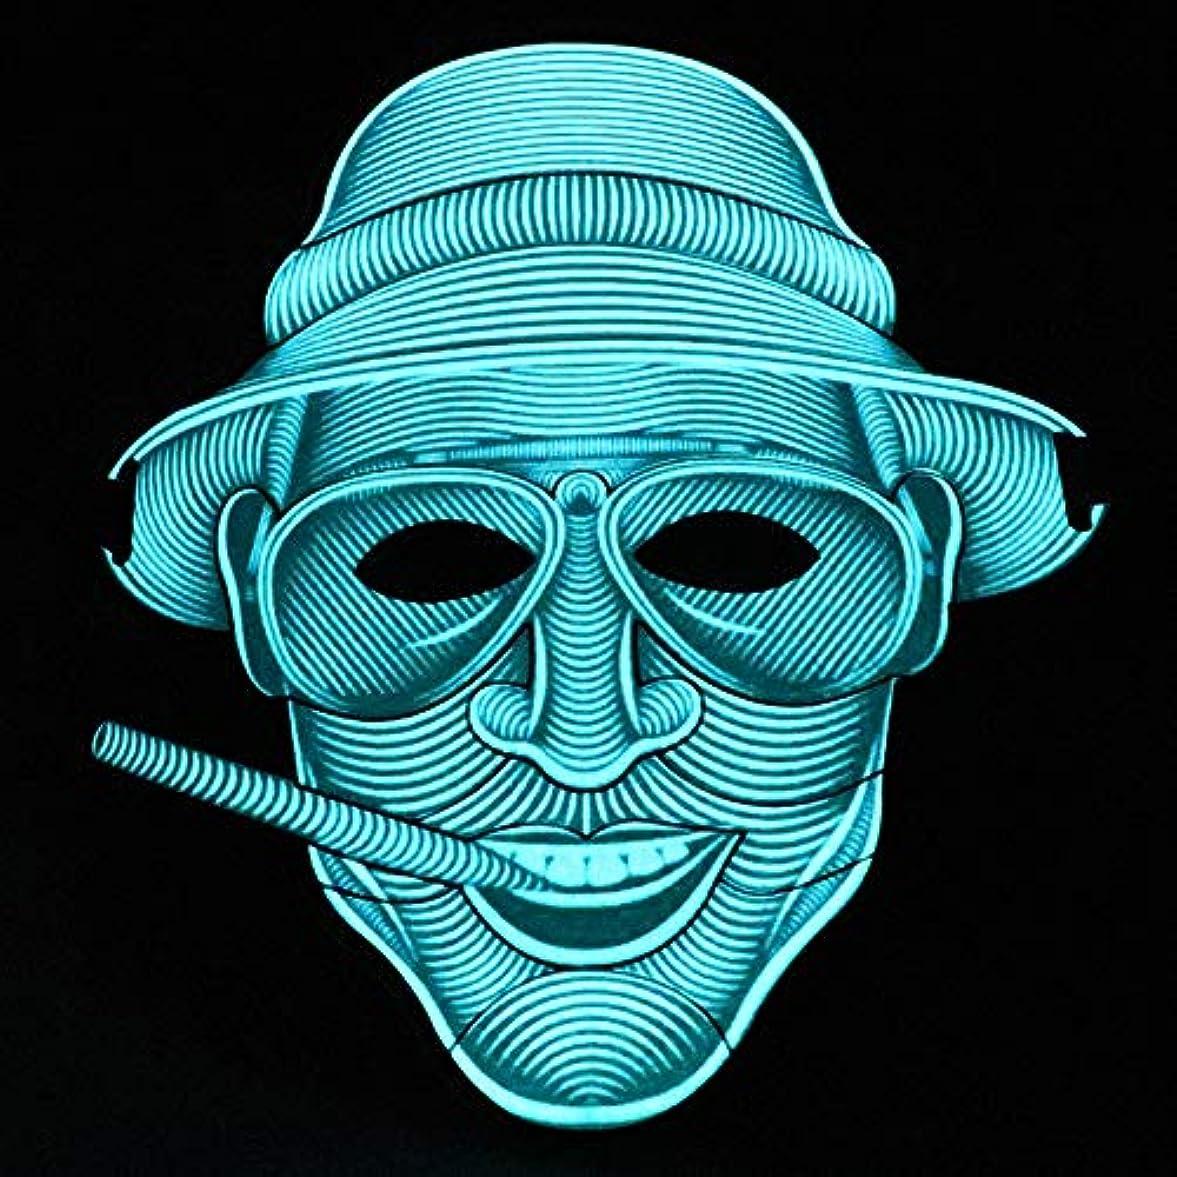 かみそり衣服識字照らされたマスクLED創造的な冷光音響制御マスクハロウィンバーフェスティバルダンスマスク (Color : #11)